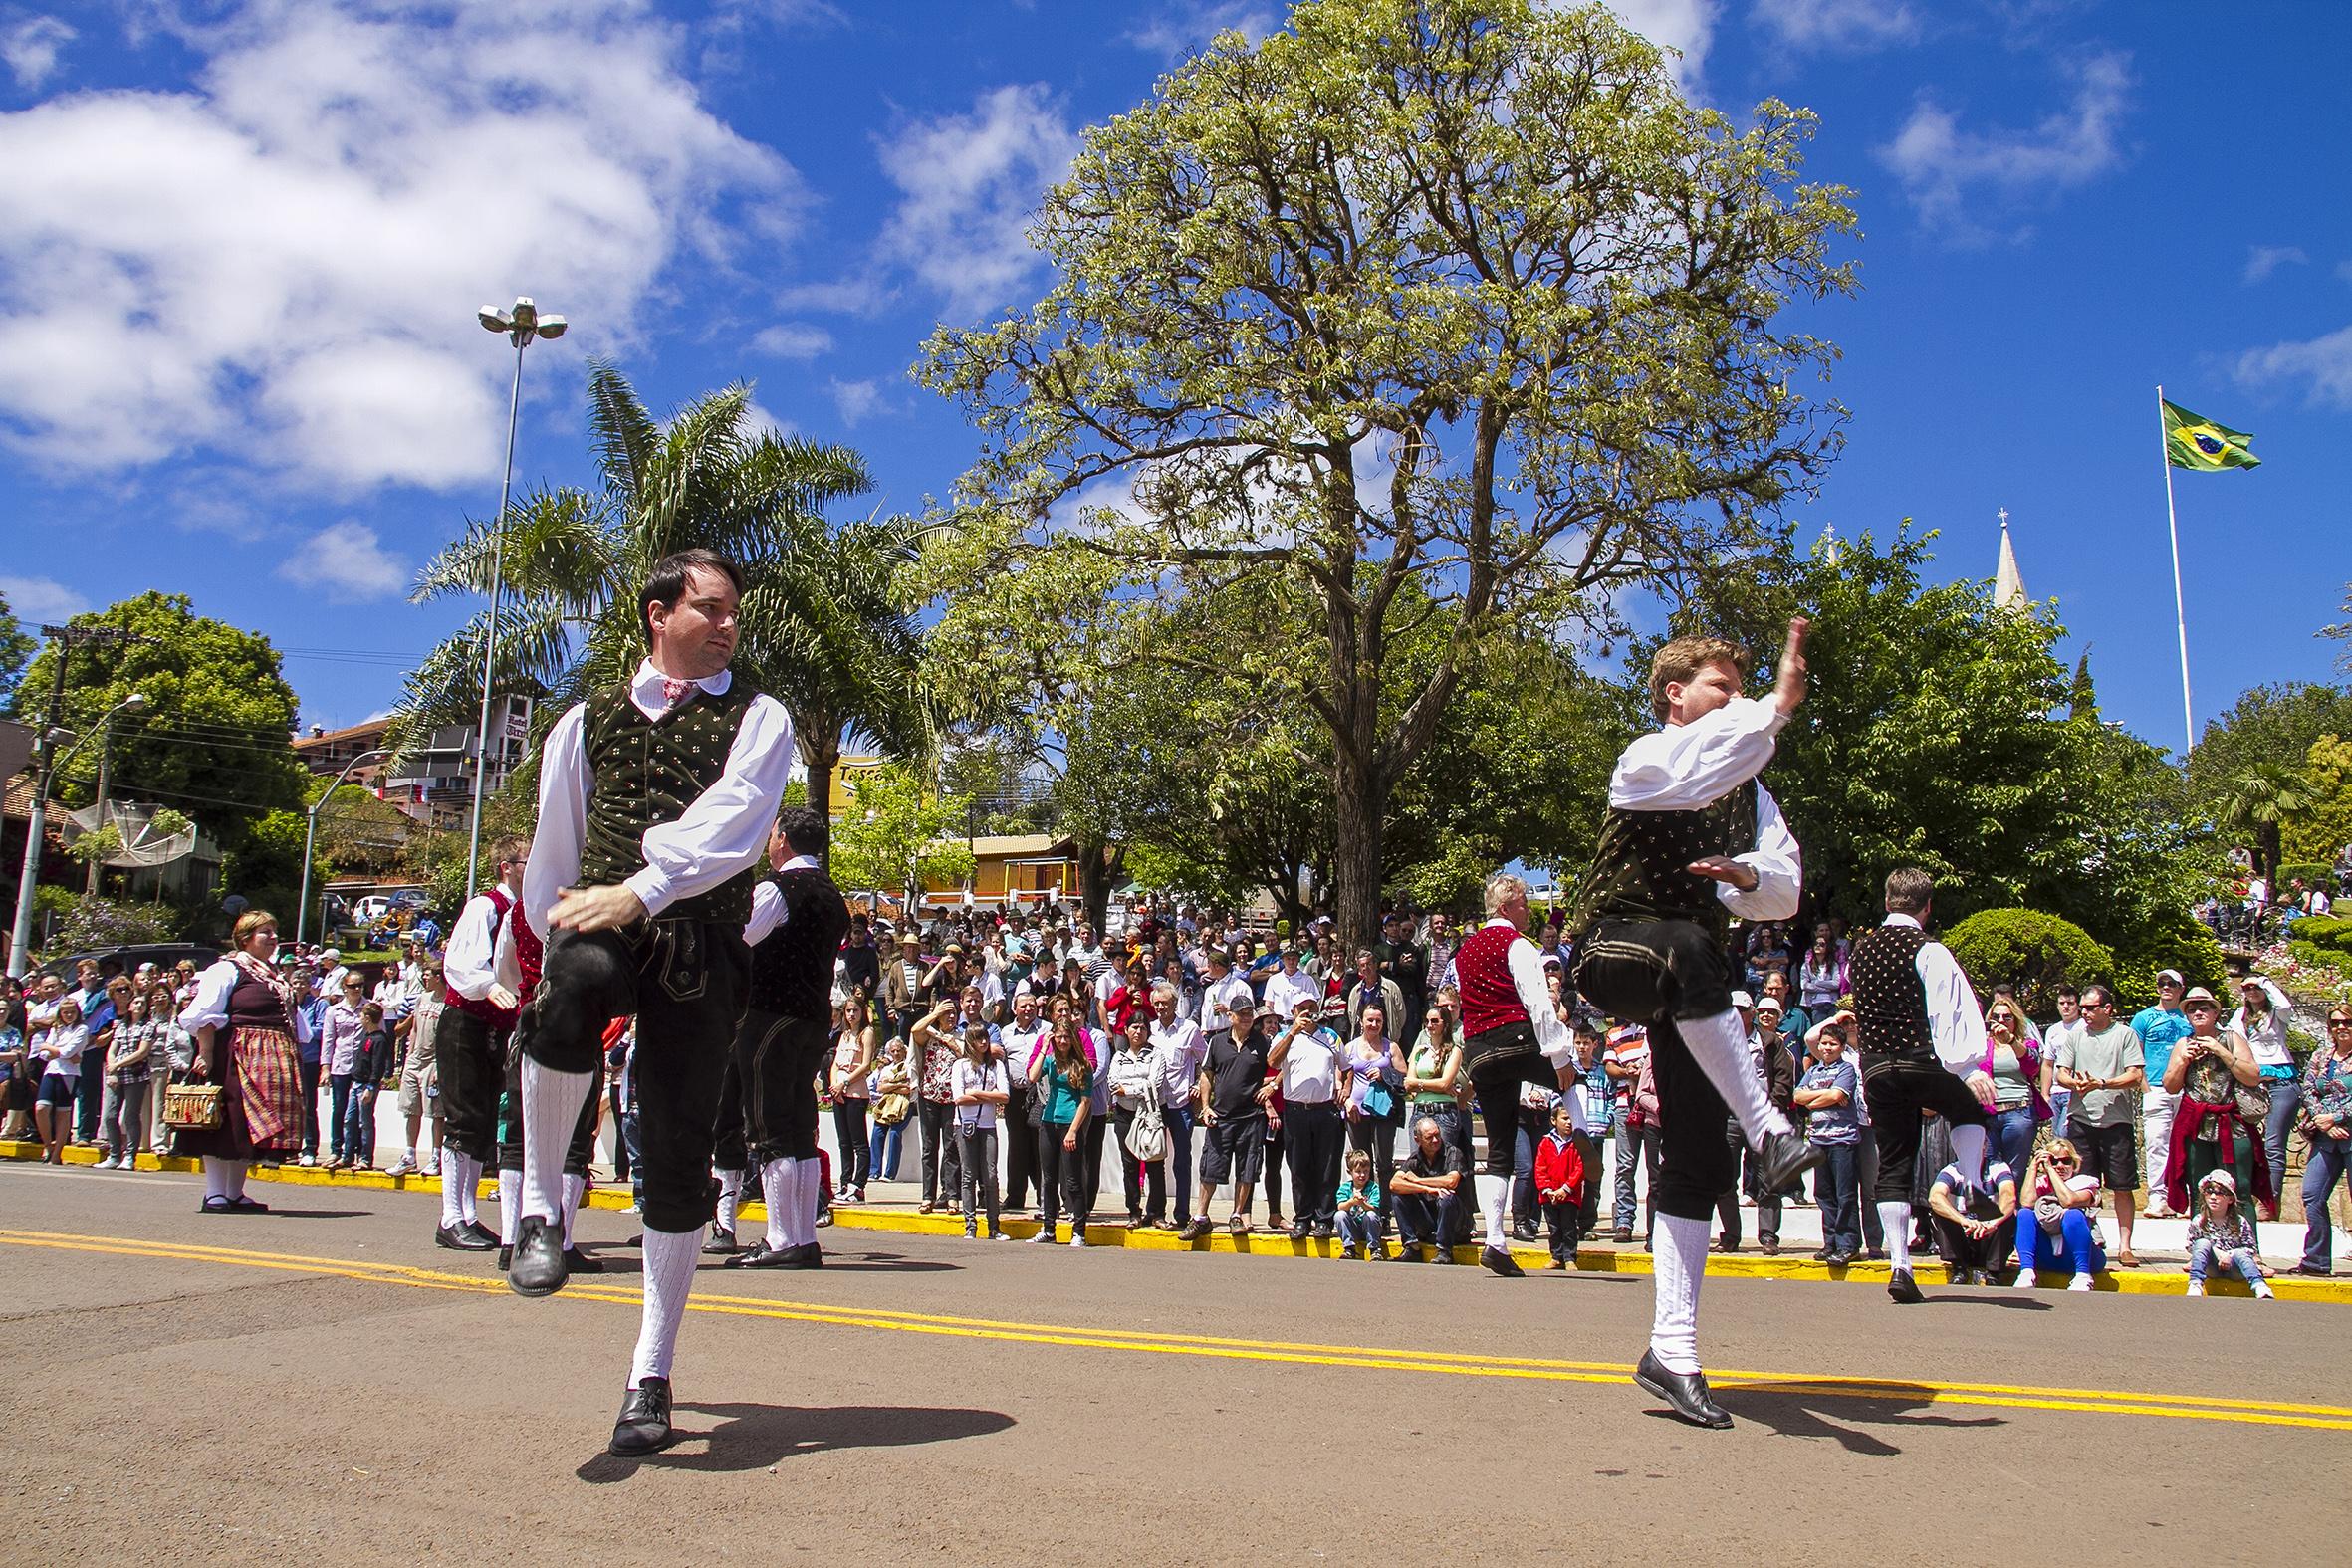 Festas de Outubro em Santa Catarina garantem a diversão para turistas e moradores; veja o calendário completo